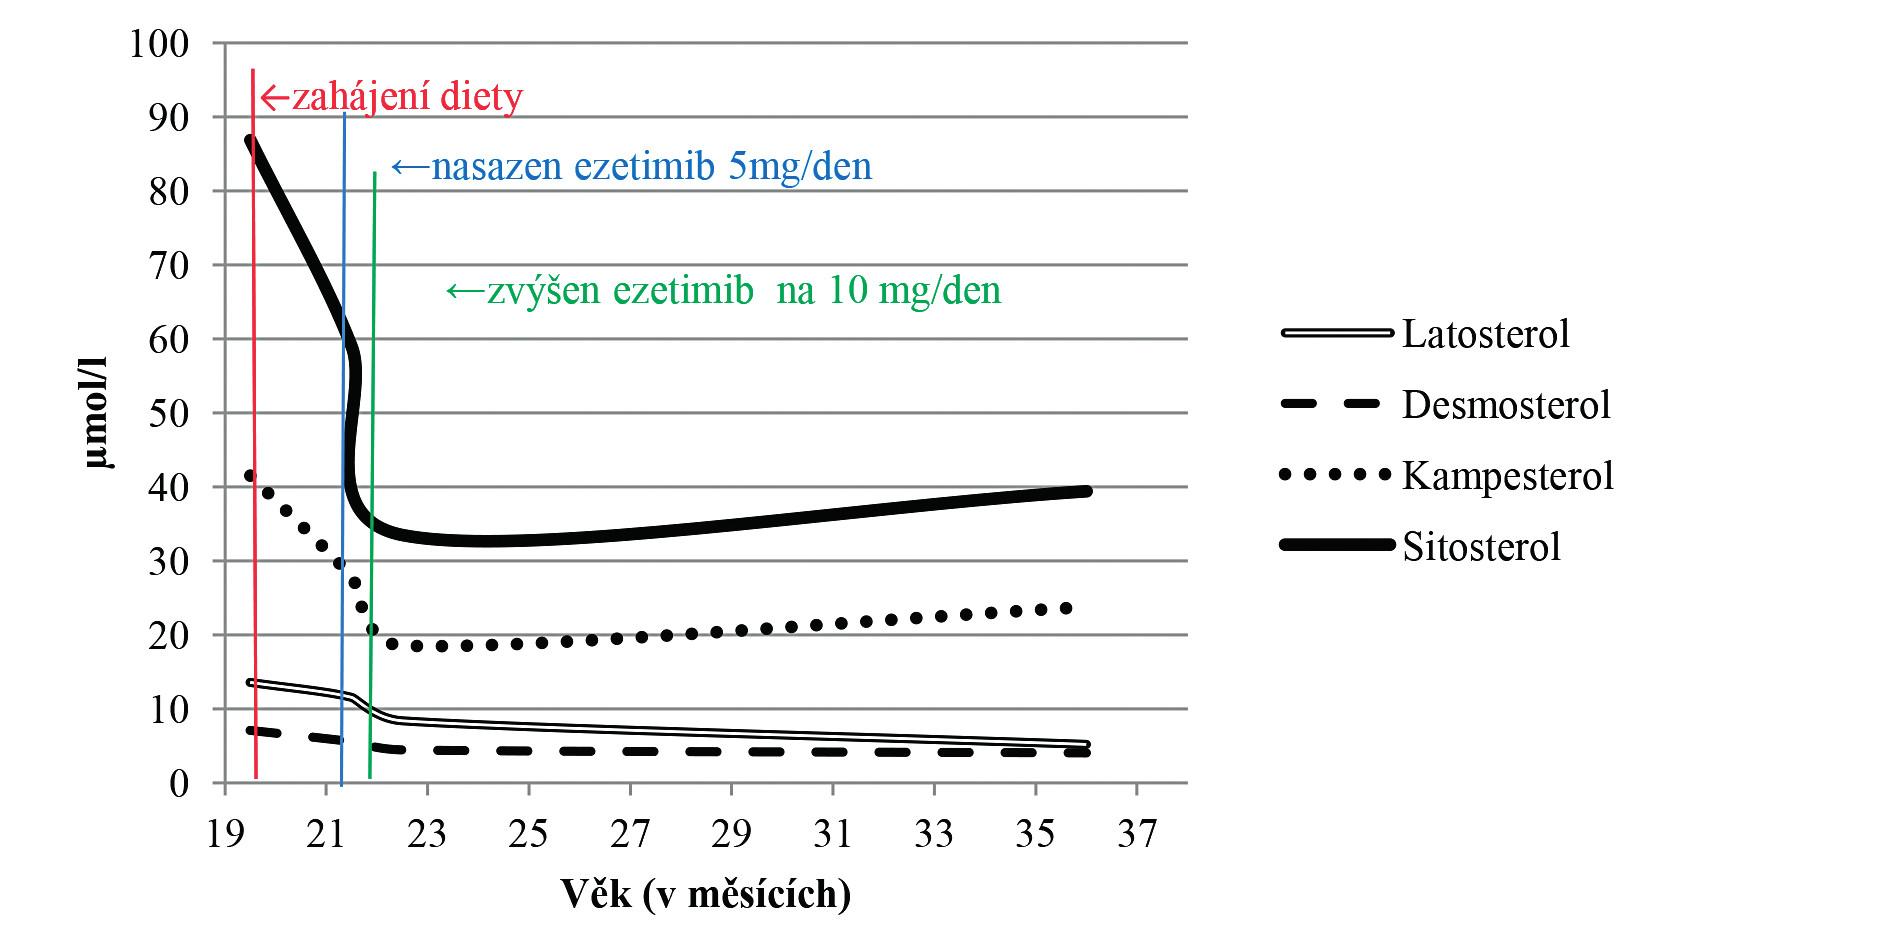 Graf 2b. Změny plazmatických koncentrací noncholesterolových sterolů u pacienta se sitosterolémií před zahájením léčby, v průběhu léčby dietou a při léčbě dietou v kombinaci s ezetimibem.